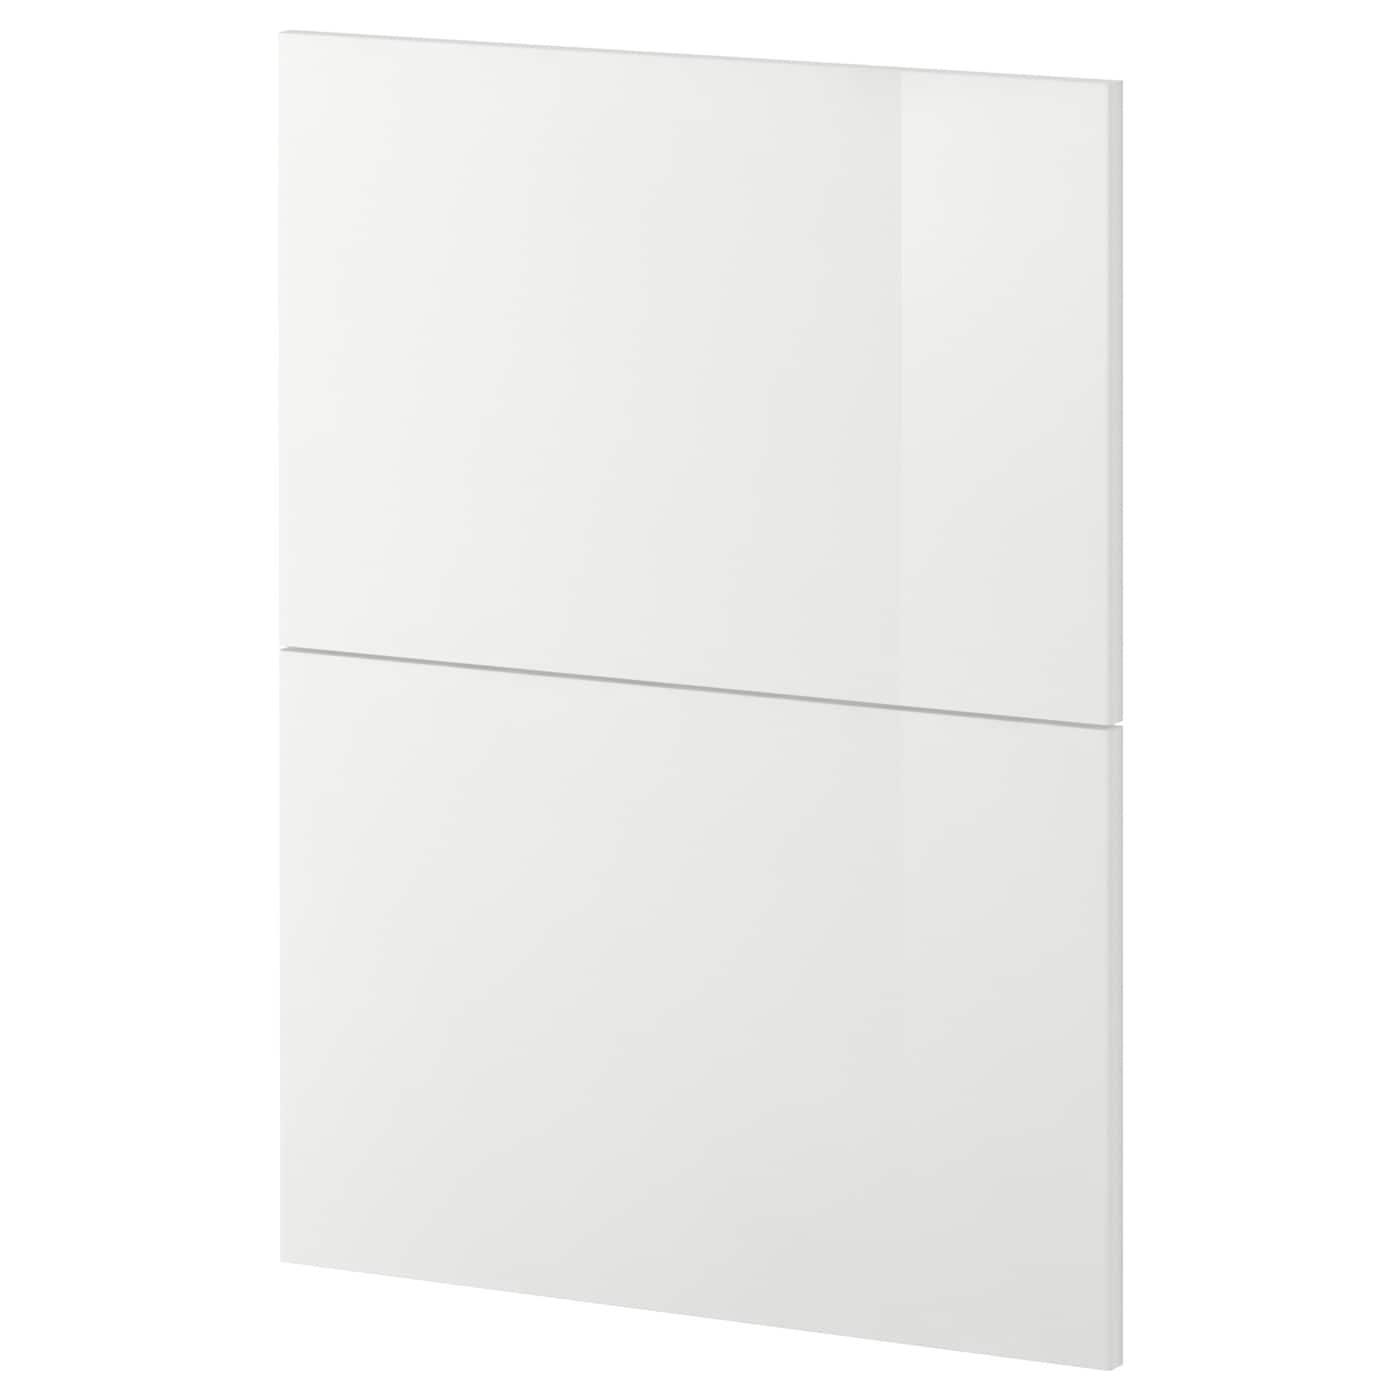 IKEA METOD 2 fronten für geschirrspüler Ringhult weiß 60 cm   Küche und Esszimmer > Küchenelektrogeräte > Gefrierschränke   IKEA